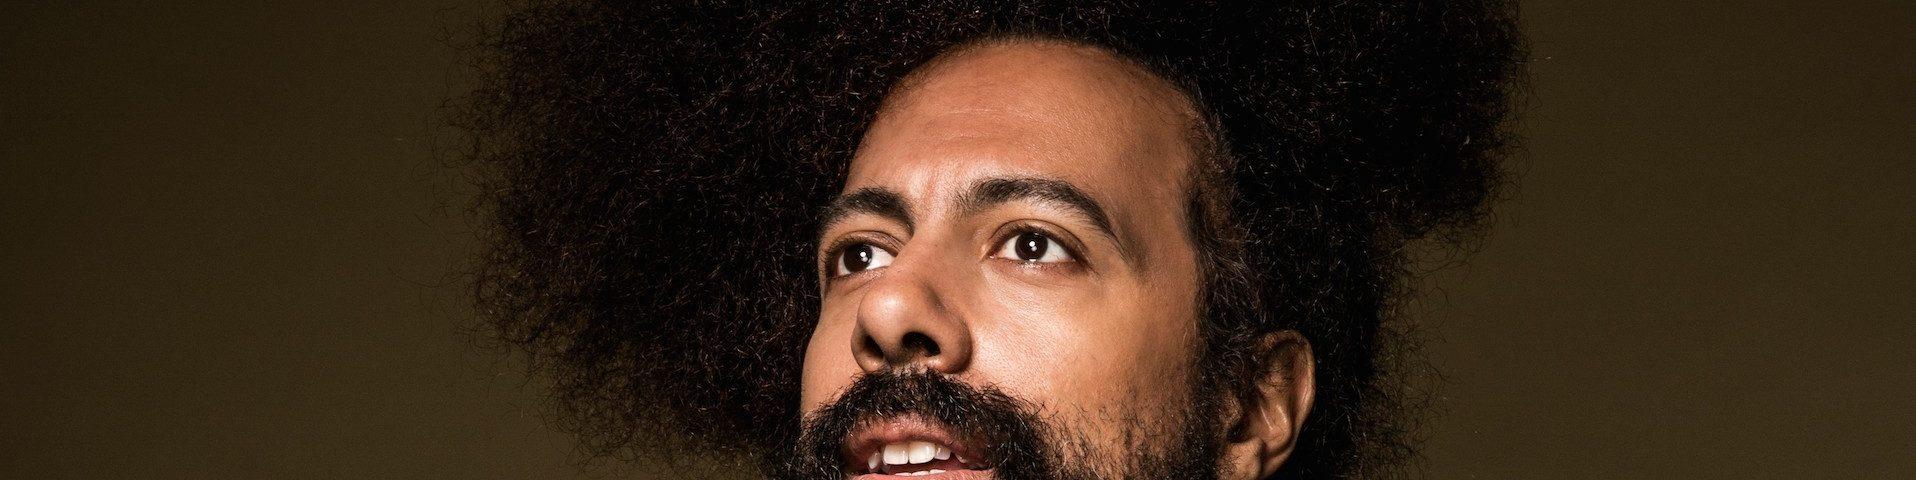 Reggie Watts ntworth 1916x480